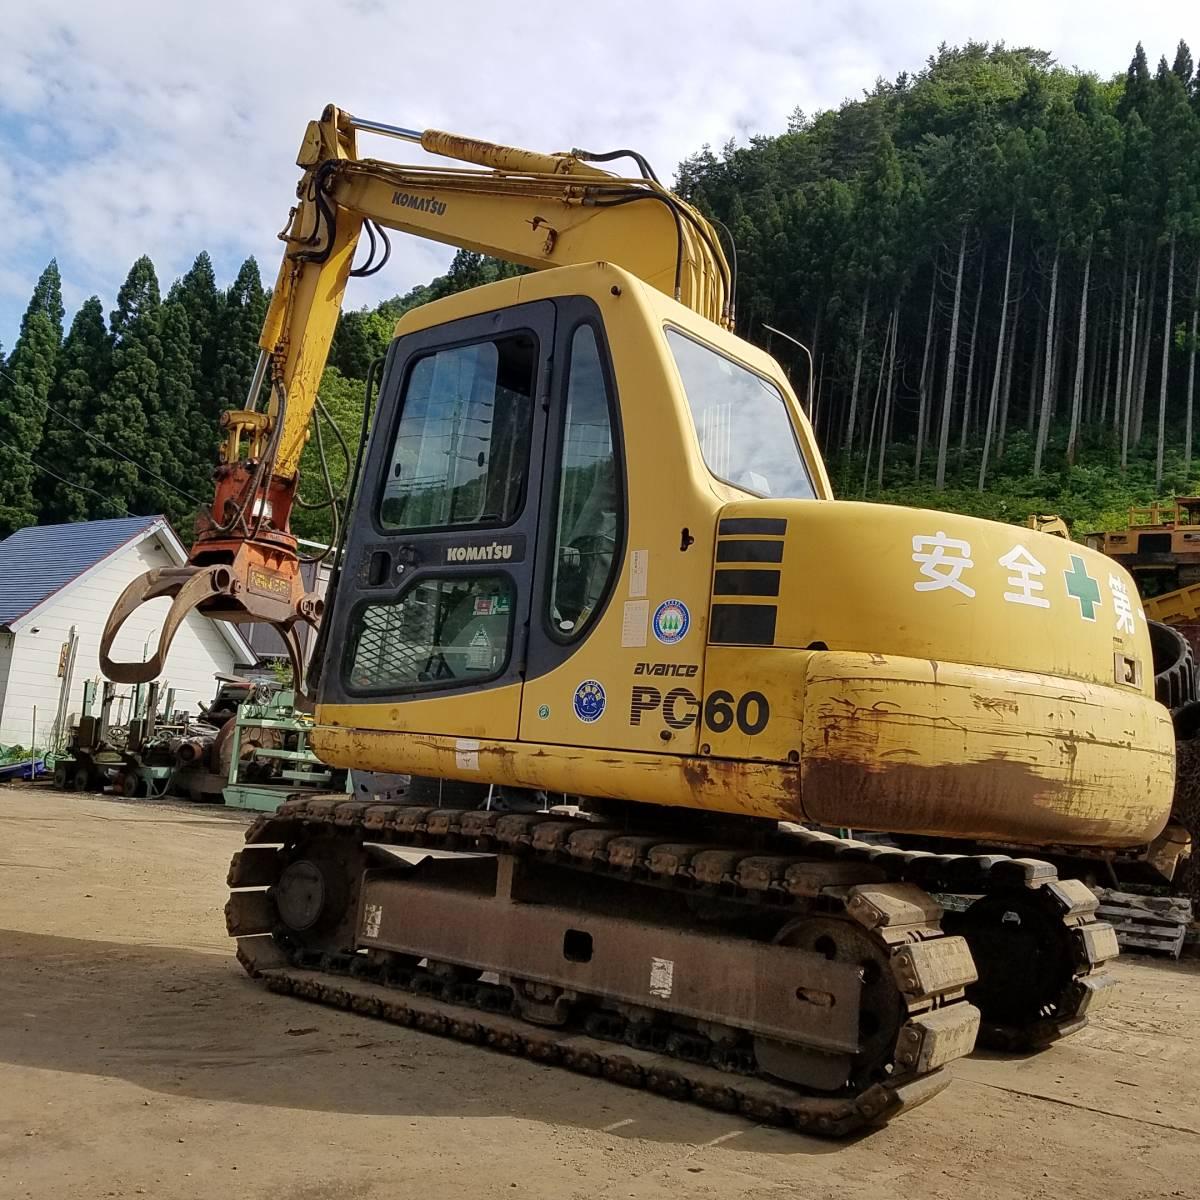 小松油圧ショベルPC60-7E(0.25M3)平成11年式(1999年)木材グラップル付き、新品リンク交換済み,メンテナンス整備済です。_画像3